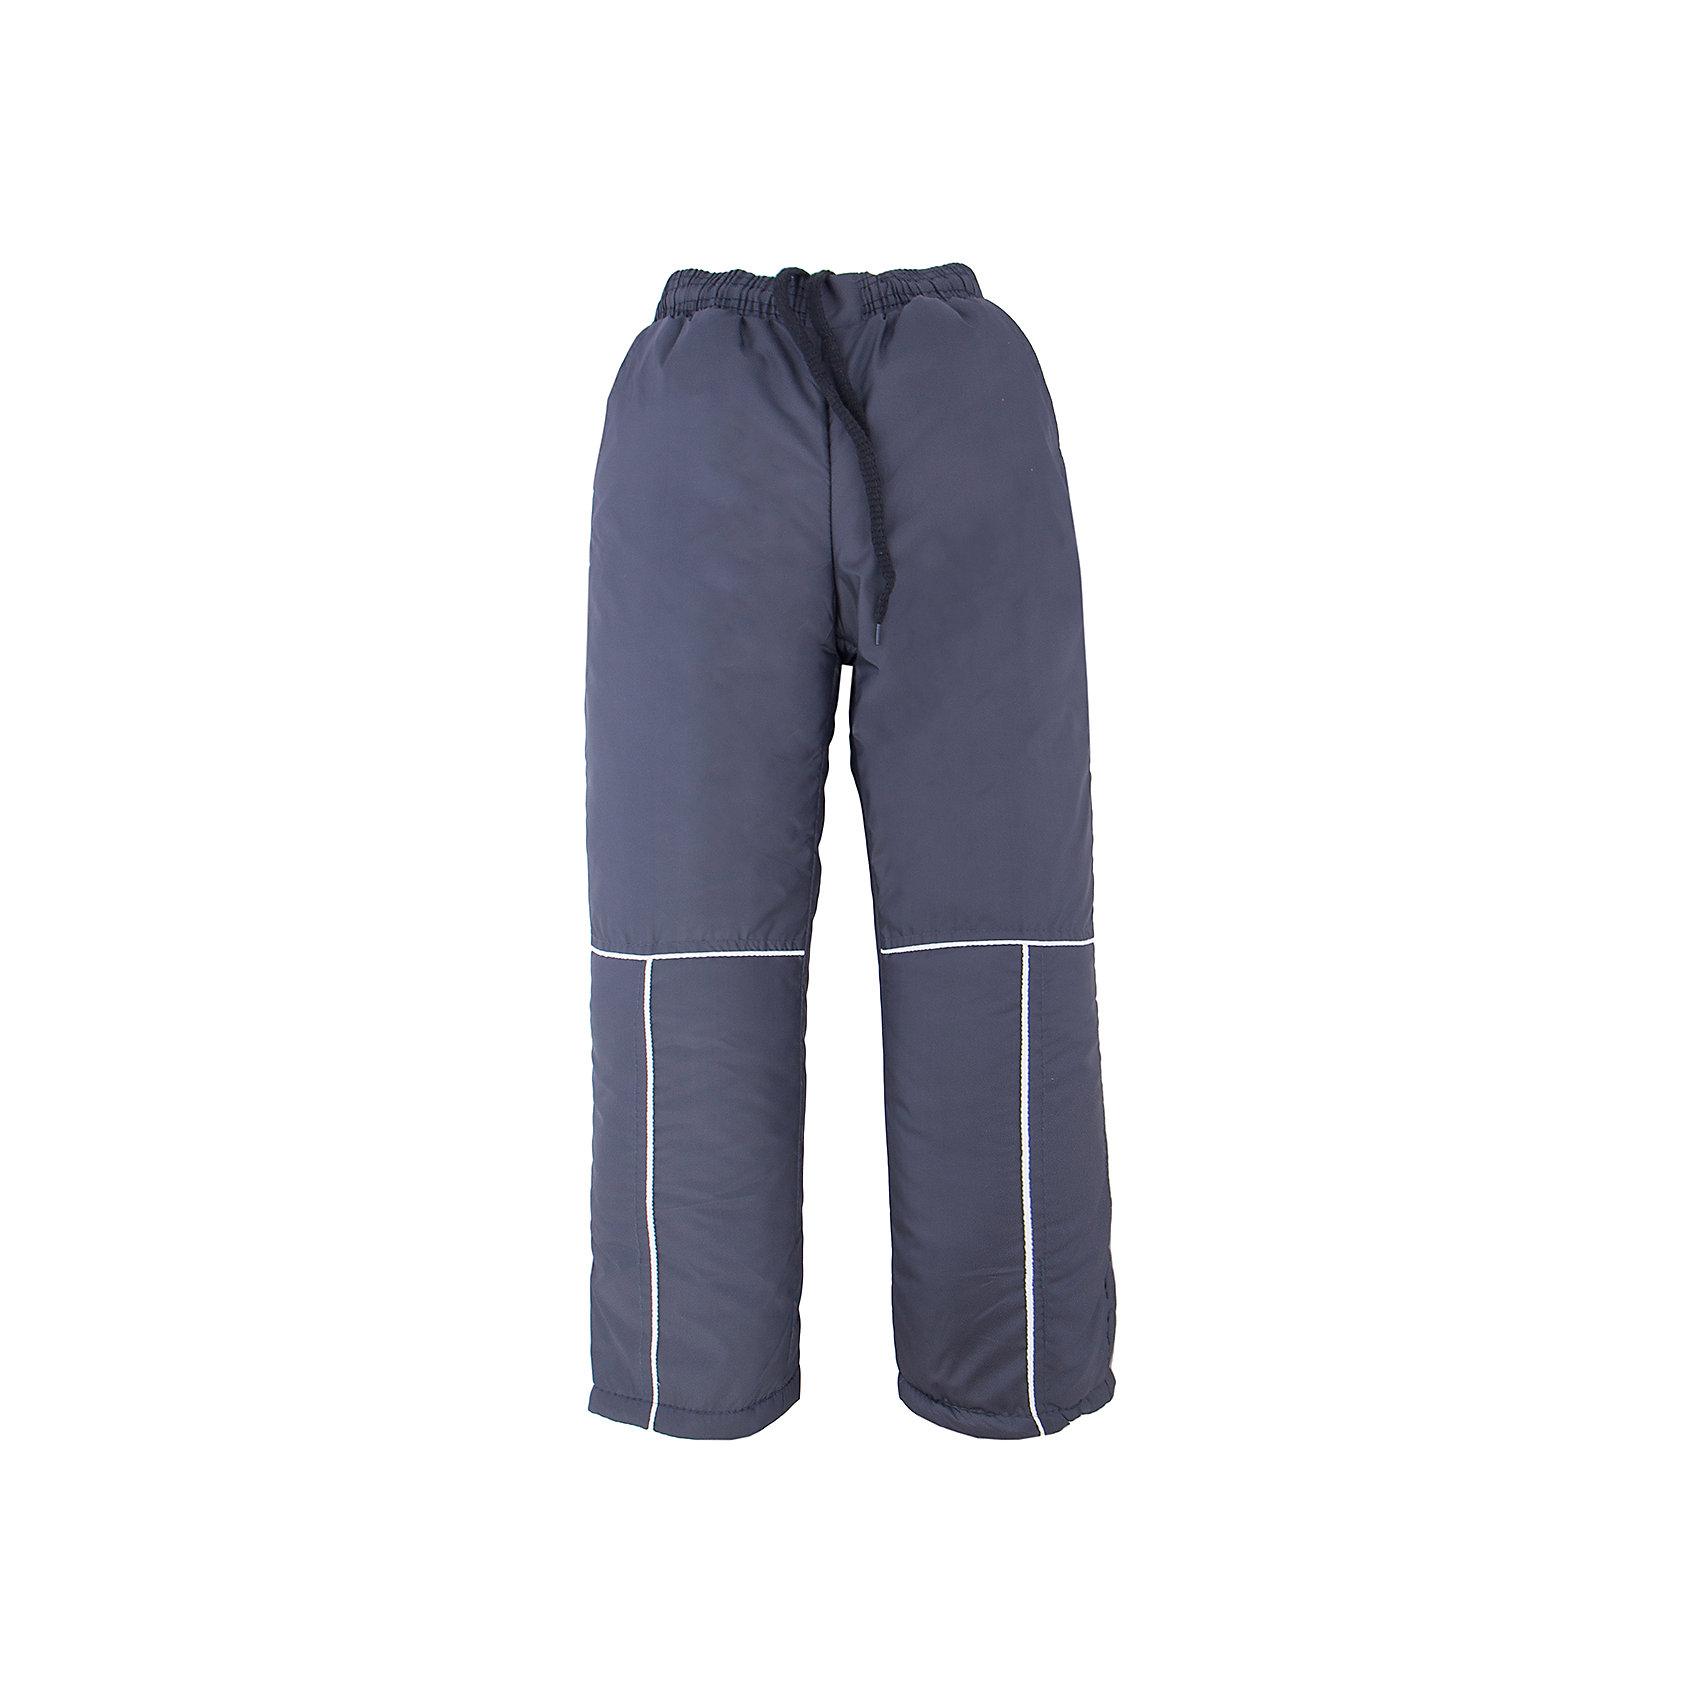 Брюки для мальчика DAUBERВерхняя одежда<br>Брюки для мальчика Dauber<br>Брюки для мальчика, на синтепоне. Высококачественный синтетический наполнитель 200гр/м?, который прекрасно сохраняет форму и восстанавливает её после любой деформации, влагоустойчив. Температурный режим: от +10 до-20 градусов. Брюки обеспечат тепло и уют, защитив ребёнка от холода и промокания. Грязеотталкивающие и за ними легко ухаживать. Изготовлены из быстросохнущего материала. <br>Состав: 100% полиэстер<br><br>Ширина мм: 215<br>Глубина мм: 88<br>Высота мм: 191<br>Вес г: 336<br>Цвет: серый<br>Возраст от месяцев: 24<br>Возраст до месяцев: 36<br>Пол: Мужской<br>Возраст: Детский<br>Размер: 98,104,110,116<br>SKU: 4862276